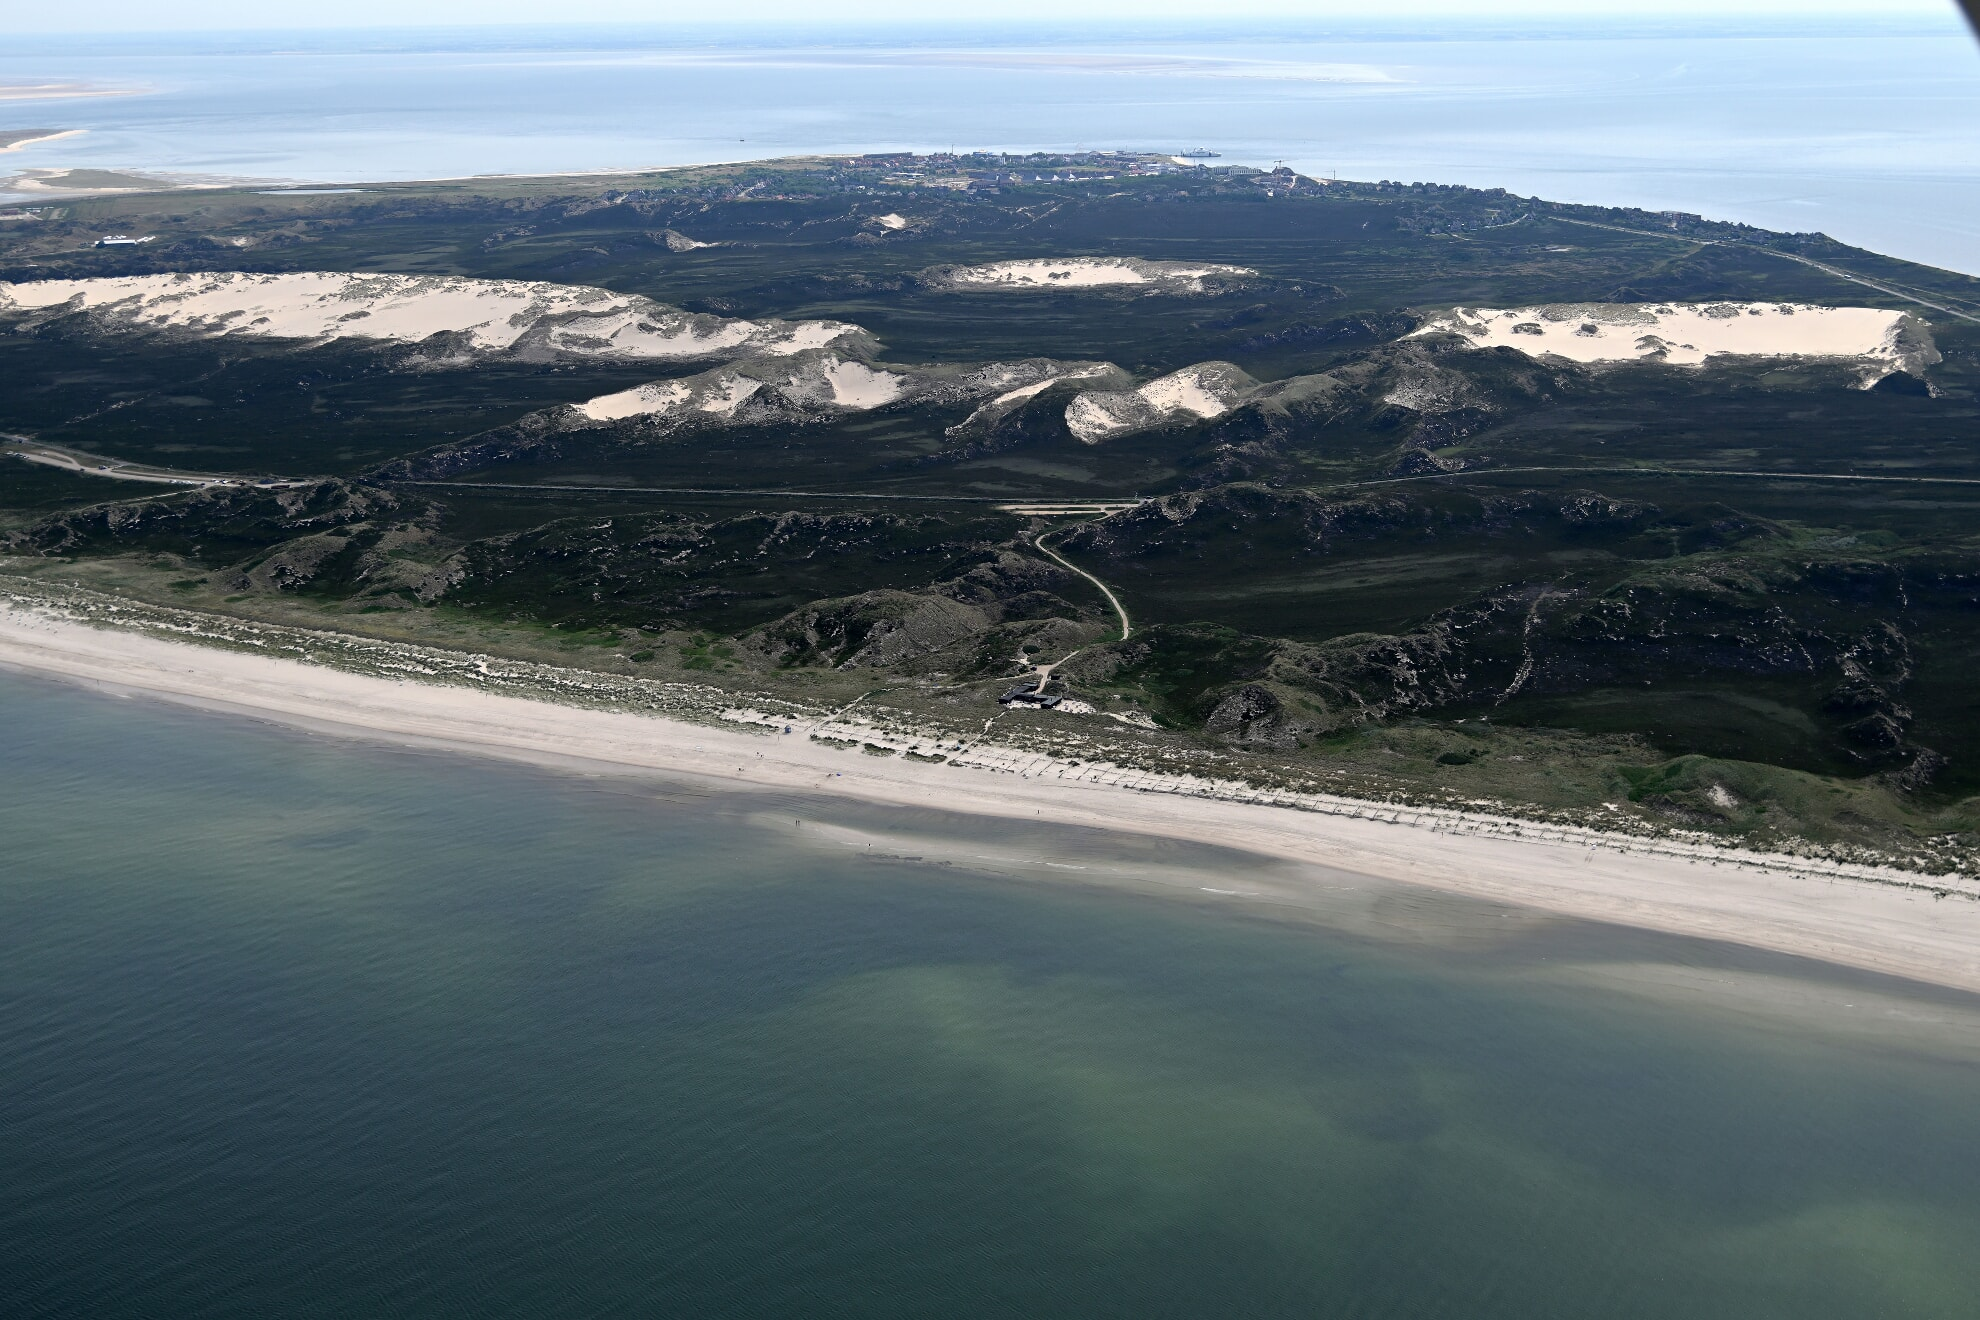 Wanderdünen mit Blick auf die Strandsauna und im Hintergrund List auf Sylt